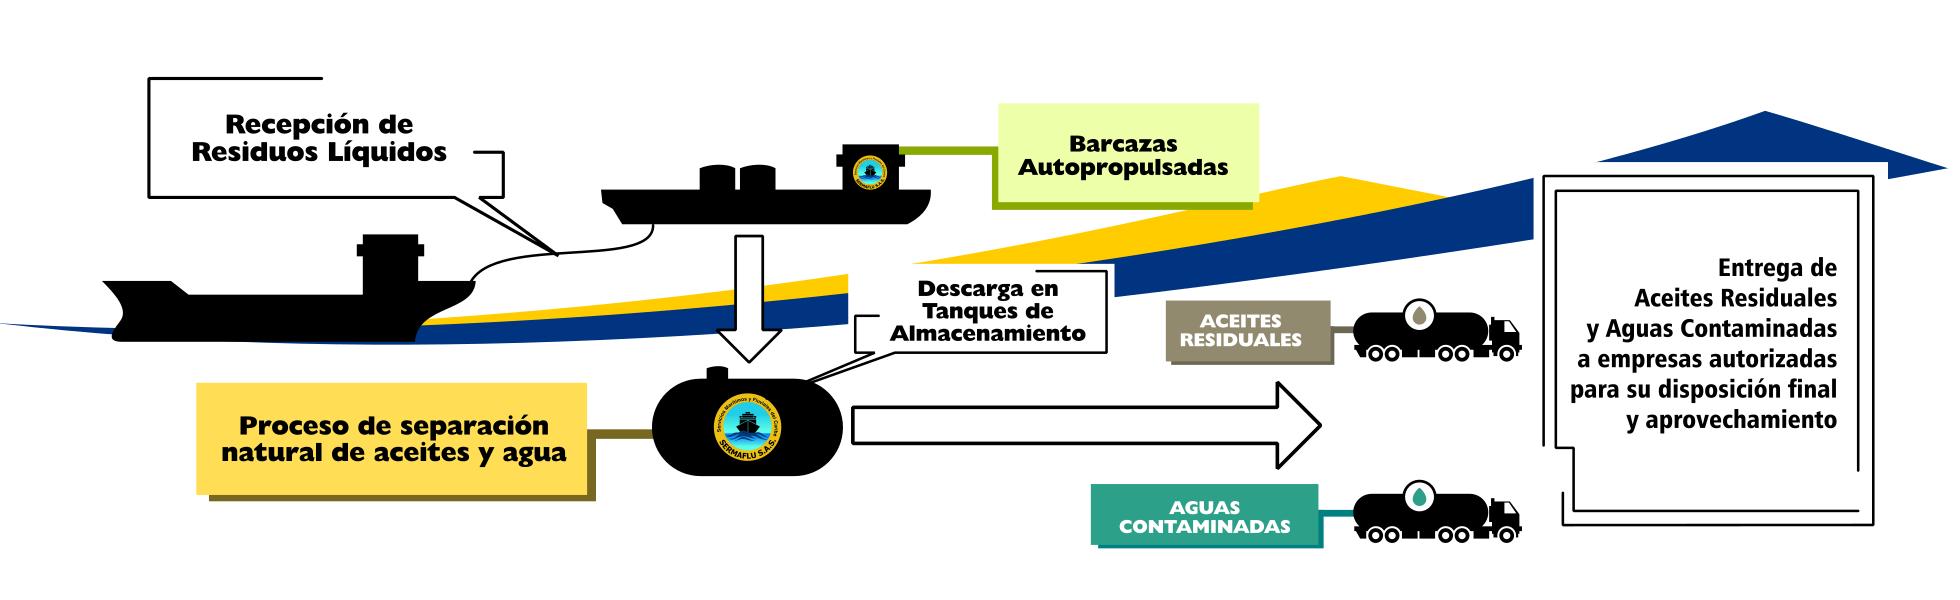 sermaflu servicio de recolección de residuos líquidos para buques